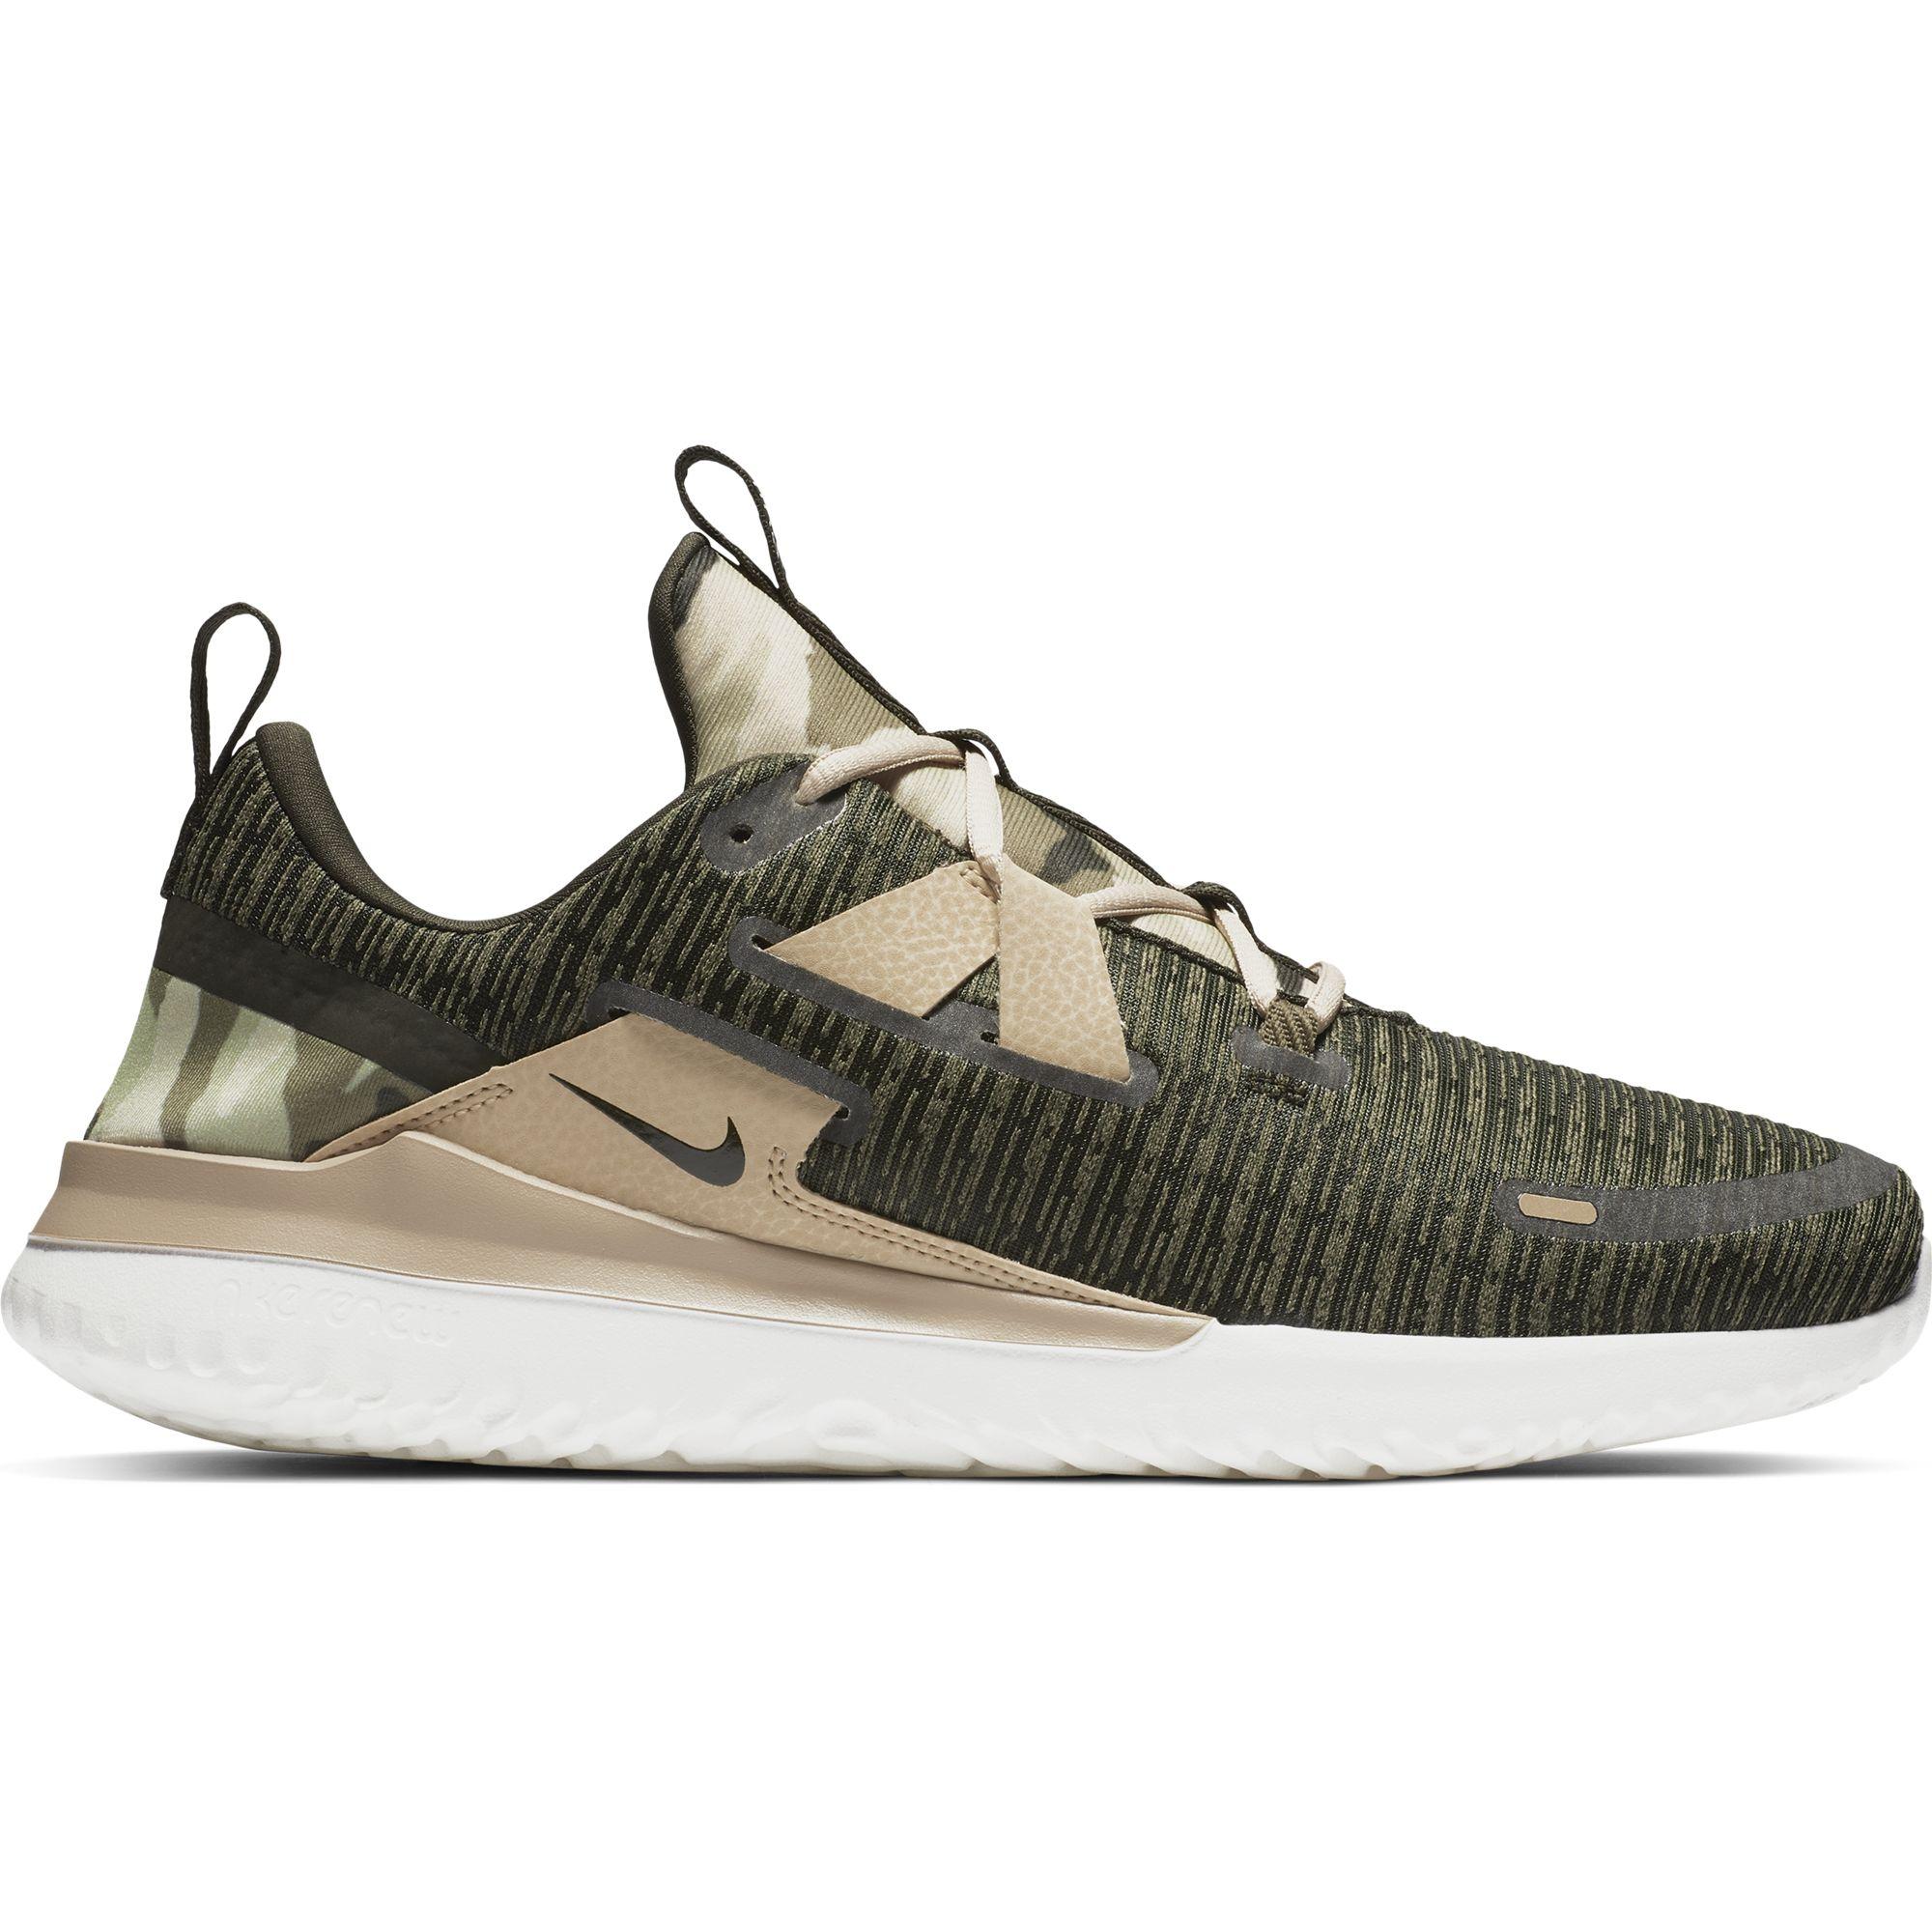 dd770e5ef7d Nike Men s Renew Arena Camo Running Shoe